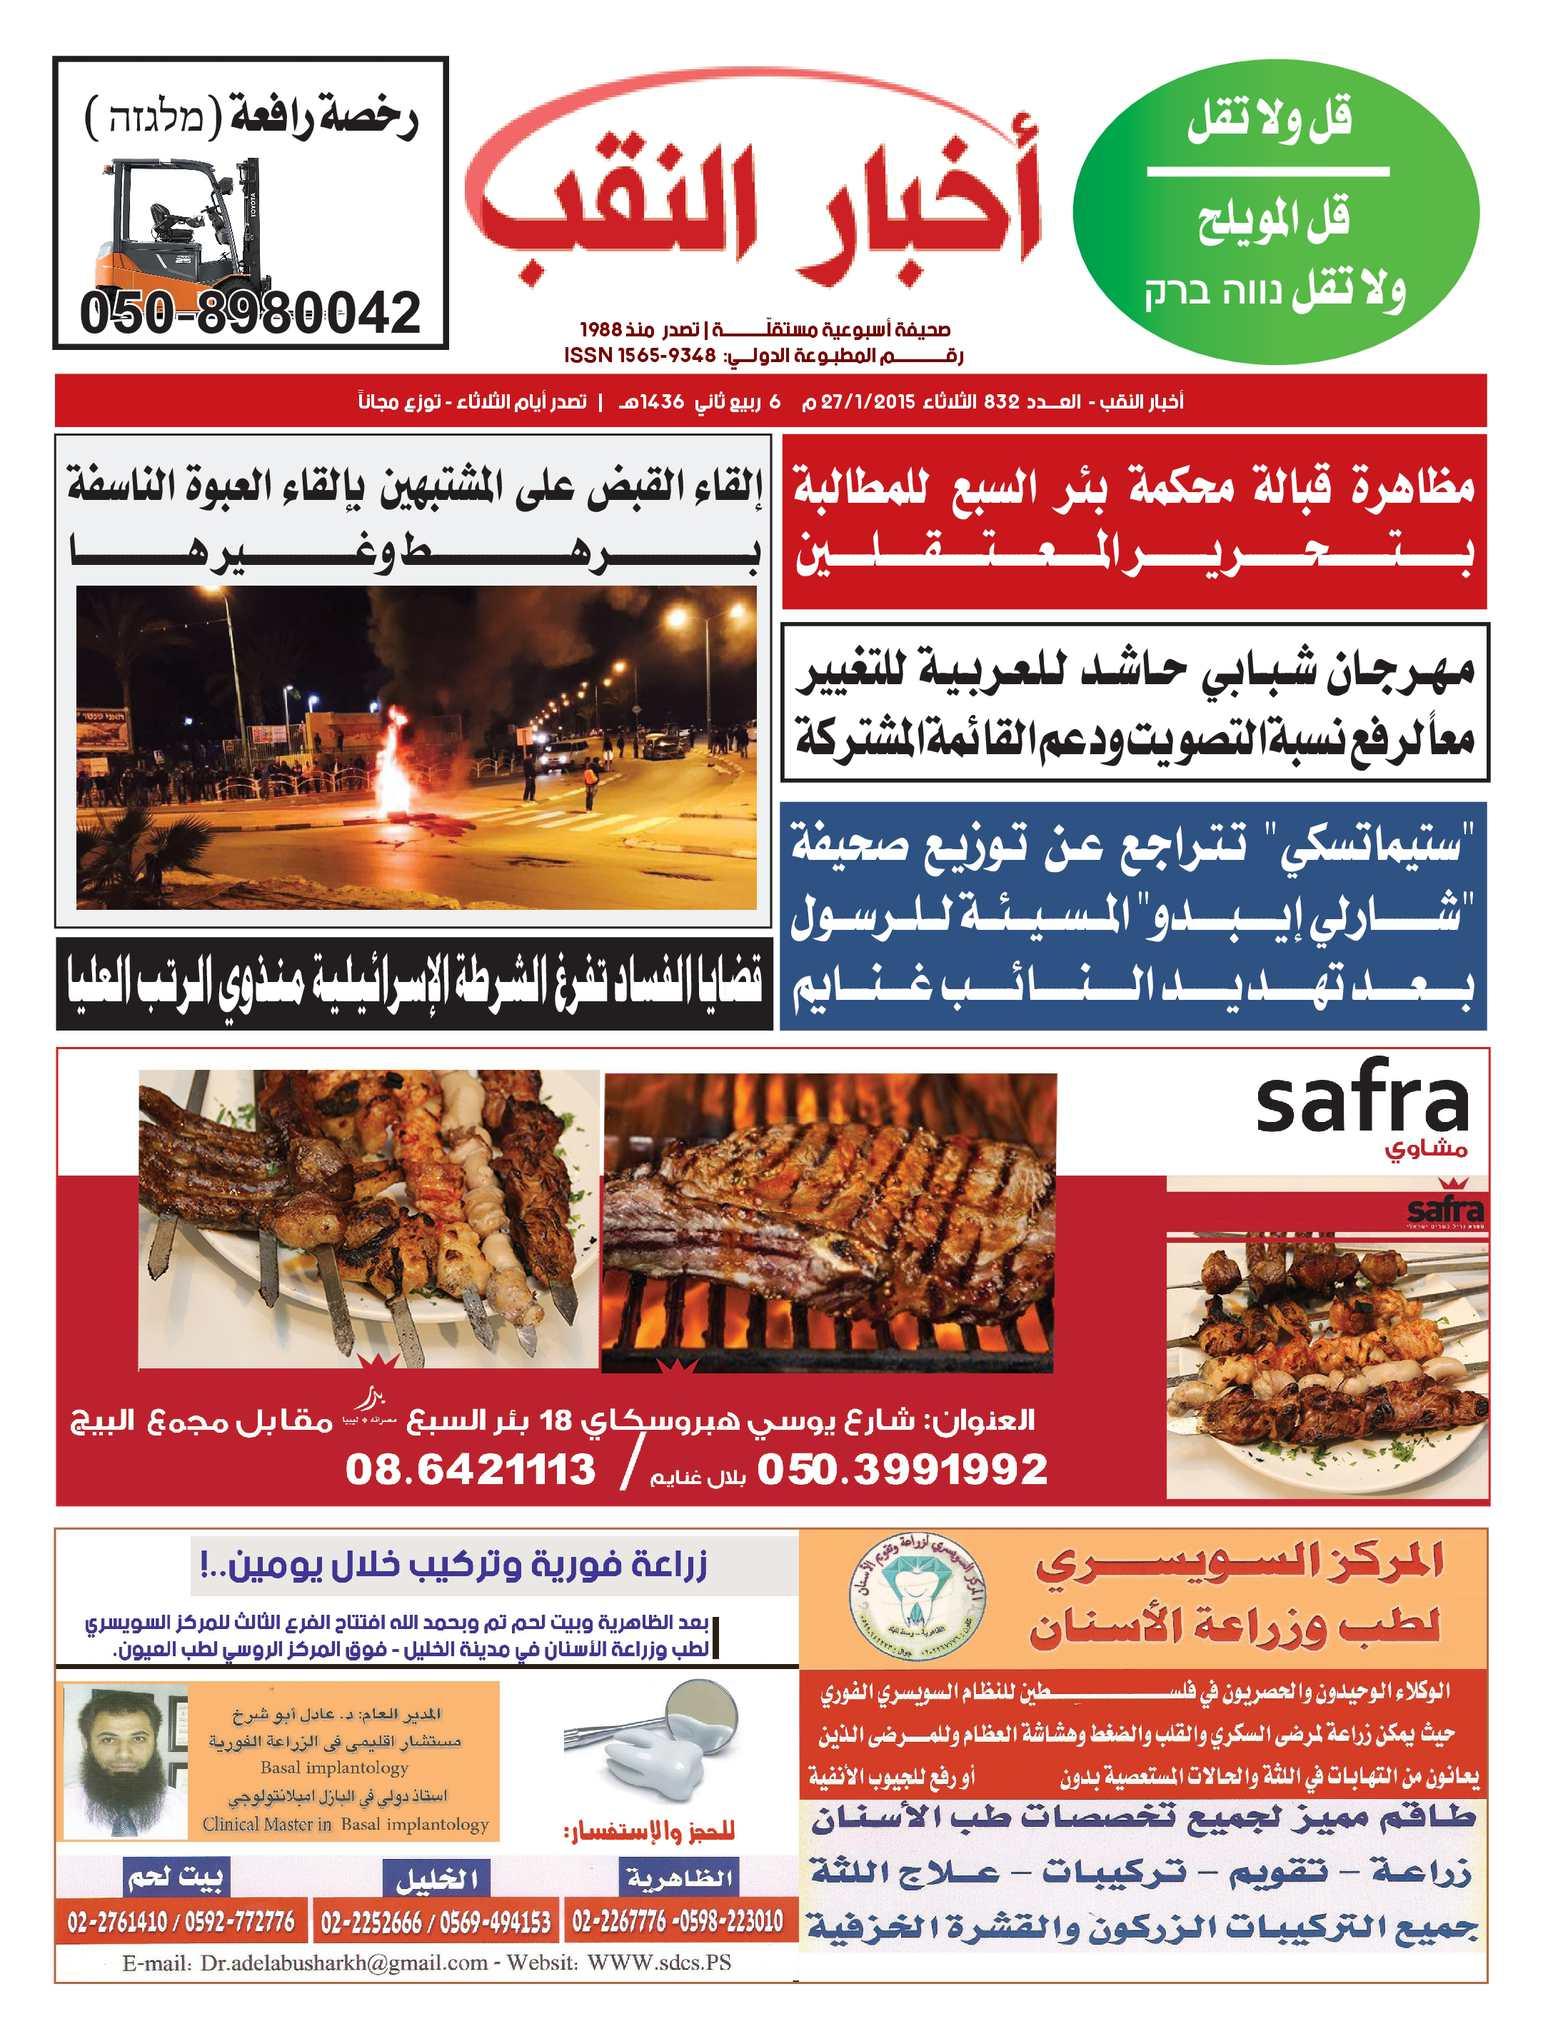 724bcb7d2574a Calaméo - صحيفة أخبار النقب العدد - 832